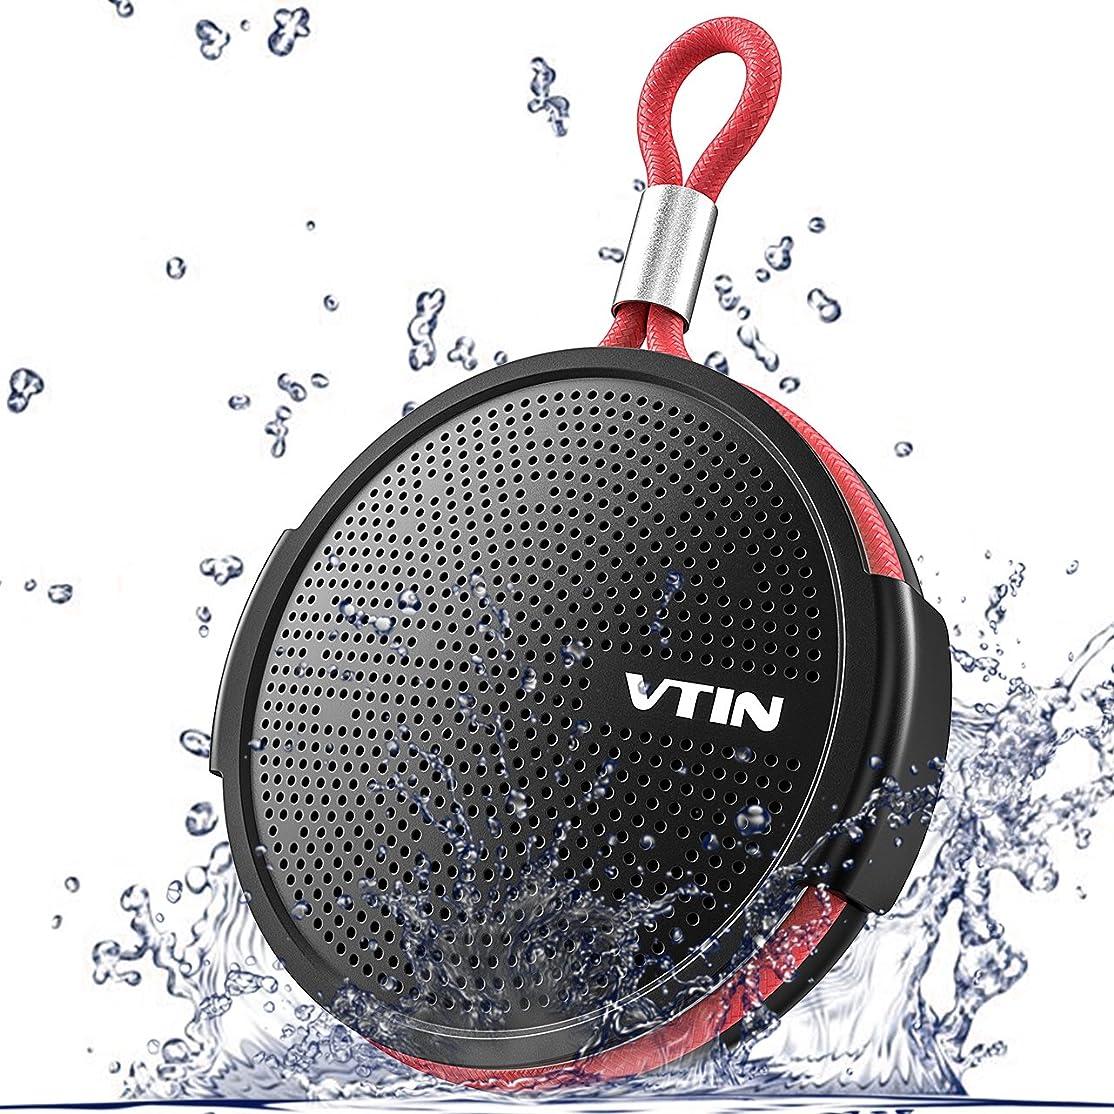 要件コンクリート十分Anker SoundCore Boost (20W Bluetooth4.2 スピーカー スタイリッシュデザイン)【迫力ある低音 / IPX5防水規格 / モバイルバッテリー機能搭載】